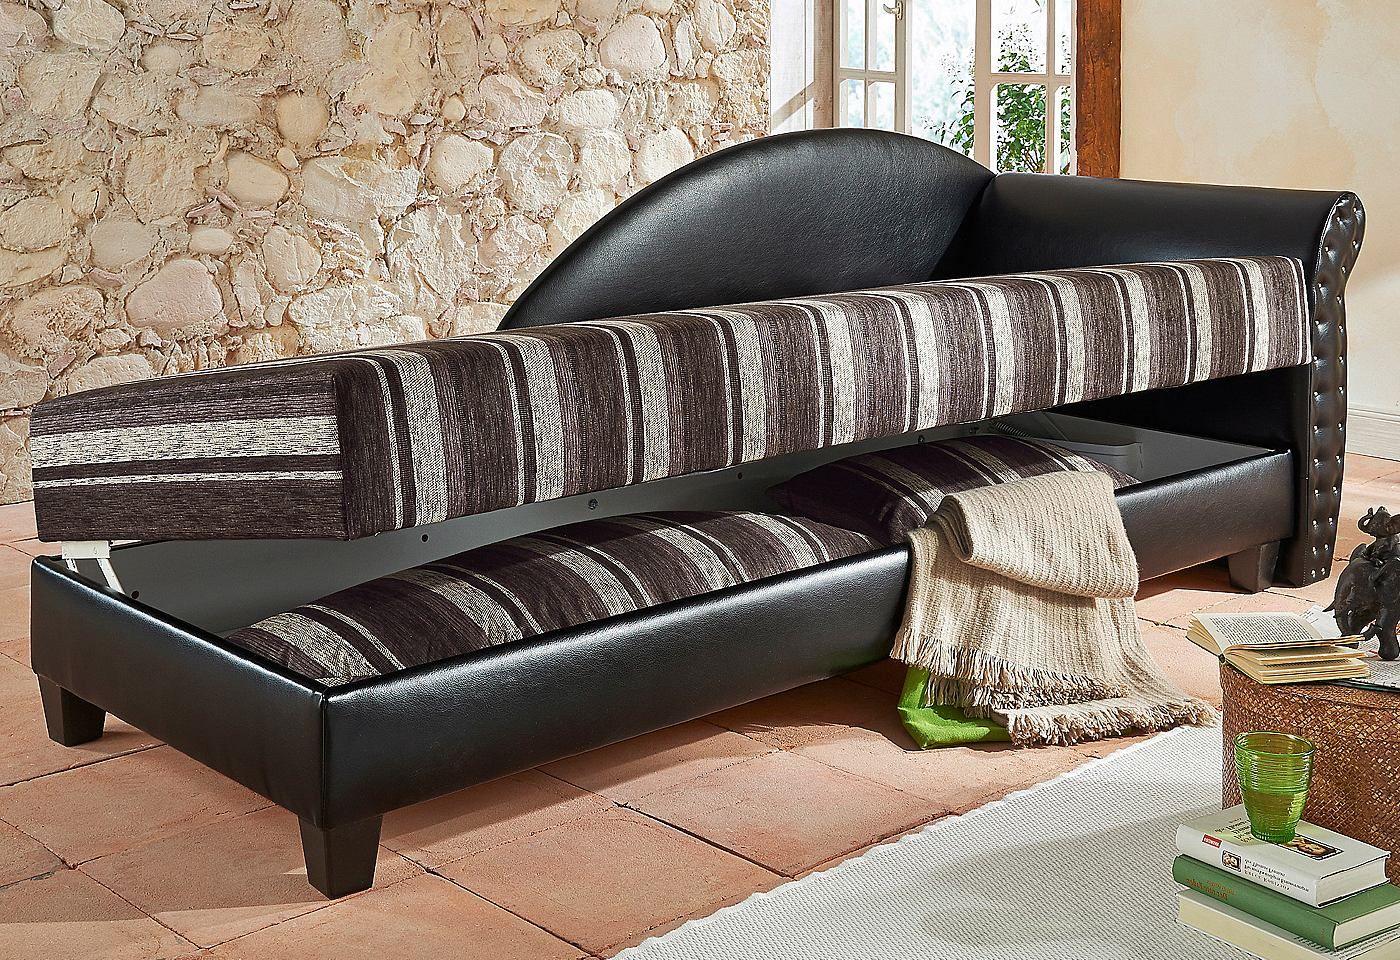 Sitzfläche in strapazierfähigem Microvelours (100% Polyester). Korpus braun = Sitzfläche braun/beige. Korpus schwarz = Sitzfläche schwarz/beige.  Maße Liegefläche 80/200 cm, Liegehöhe 45 cm. Geräumiger Bettkasten sorgt für mehr Stauraum, Stauraumhöhe 15 cm. Höhe der Holzfüße 9 cm. Außenmaße (B/T/H): 227/83/81 cm.  Unser TIPP: Bestellen Sie gleich die passenden Kissen im 2er-Set dazu (braun/beig...